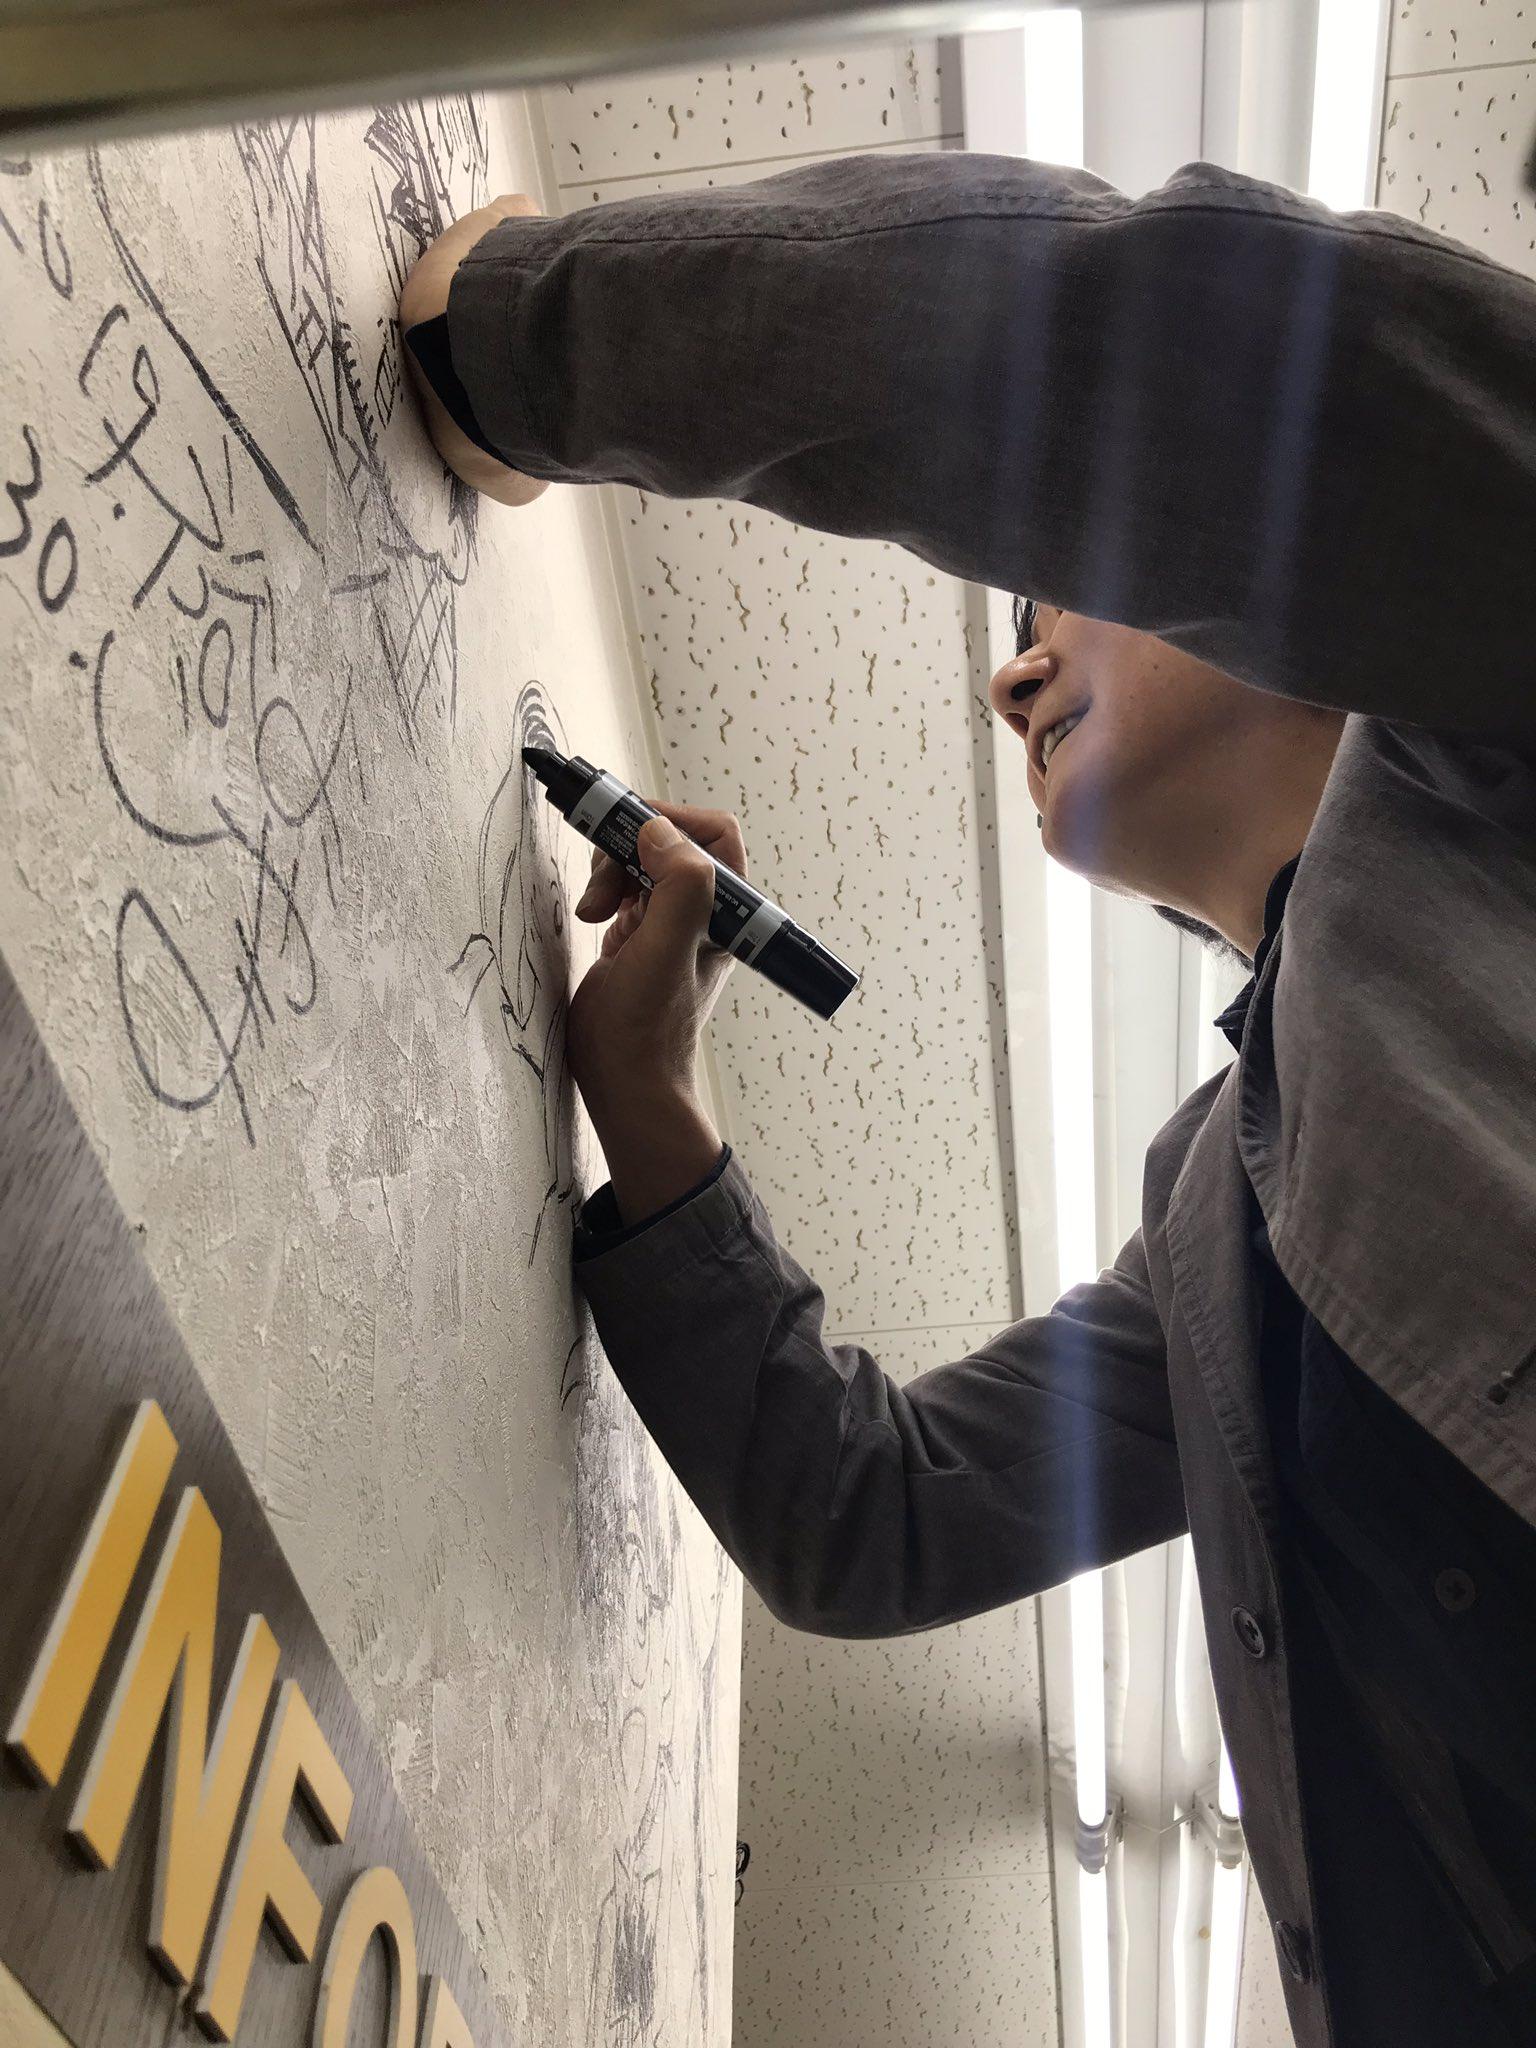 うちの書店の壁に…何か落書きしている人がいるんだけど…コレは注意しなくちゃ!! #あだち充 #青山剛昌